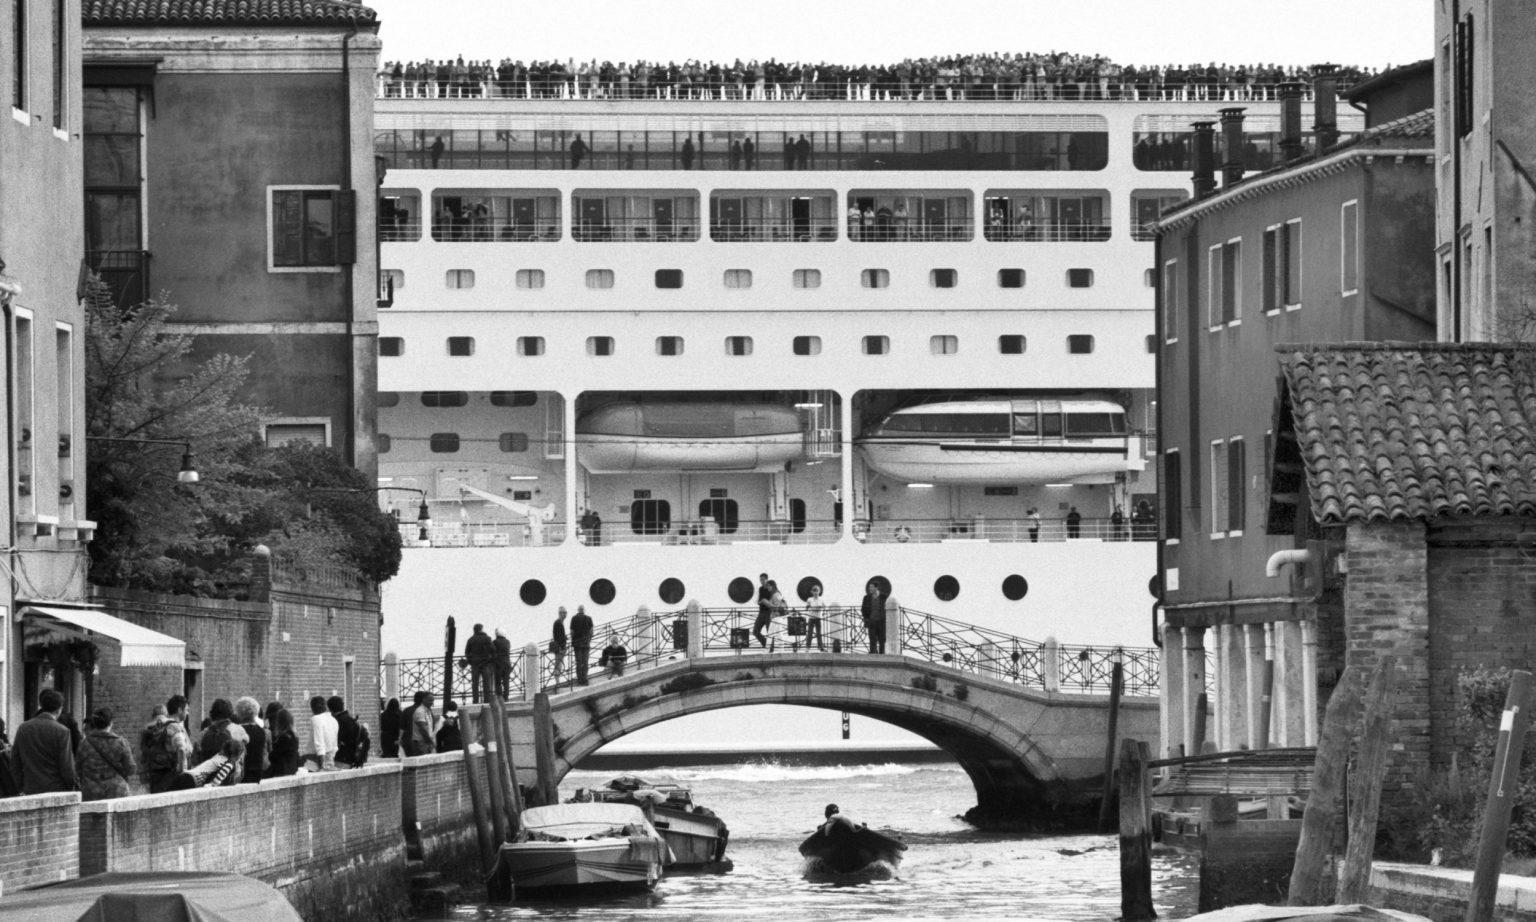 """Venice, April 2013 - Big cruise liners invade the city ><  Venezia, aprile 2013 - Le grandi navi da crociera invadono la città <p><span style=""""color: #ff0000""""><strong>*** SPECIAL   FEE   APPLIES ***</strong></span></p>*** SPECIAL   FEE   APPLIES *** *** Local Caption *** 00473492"""